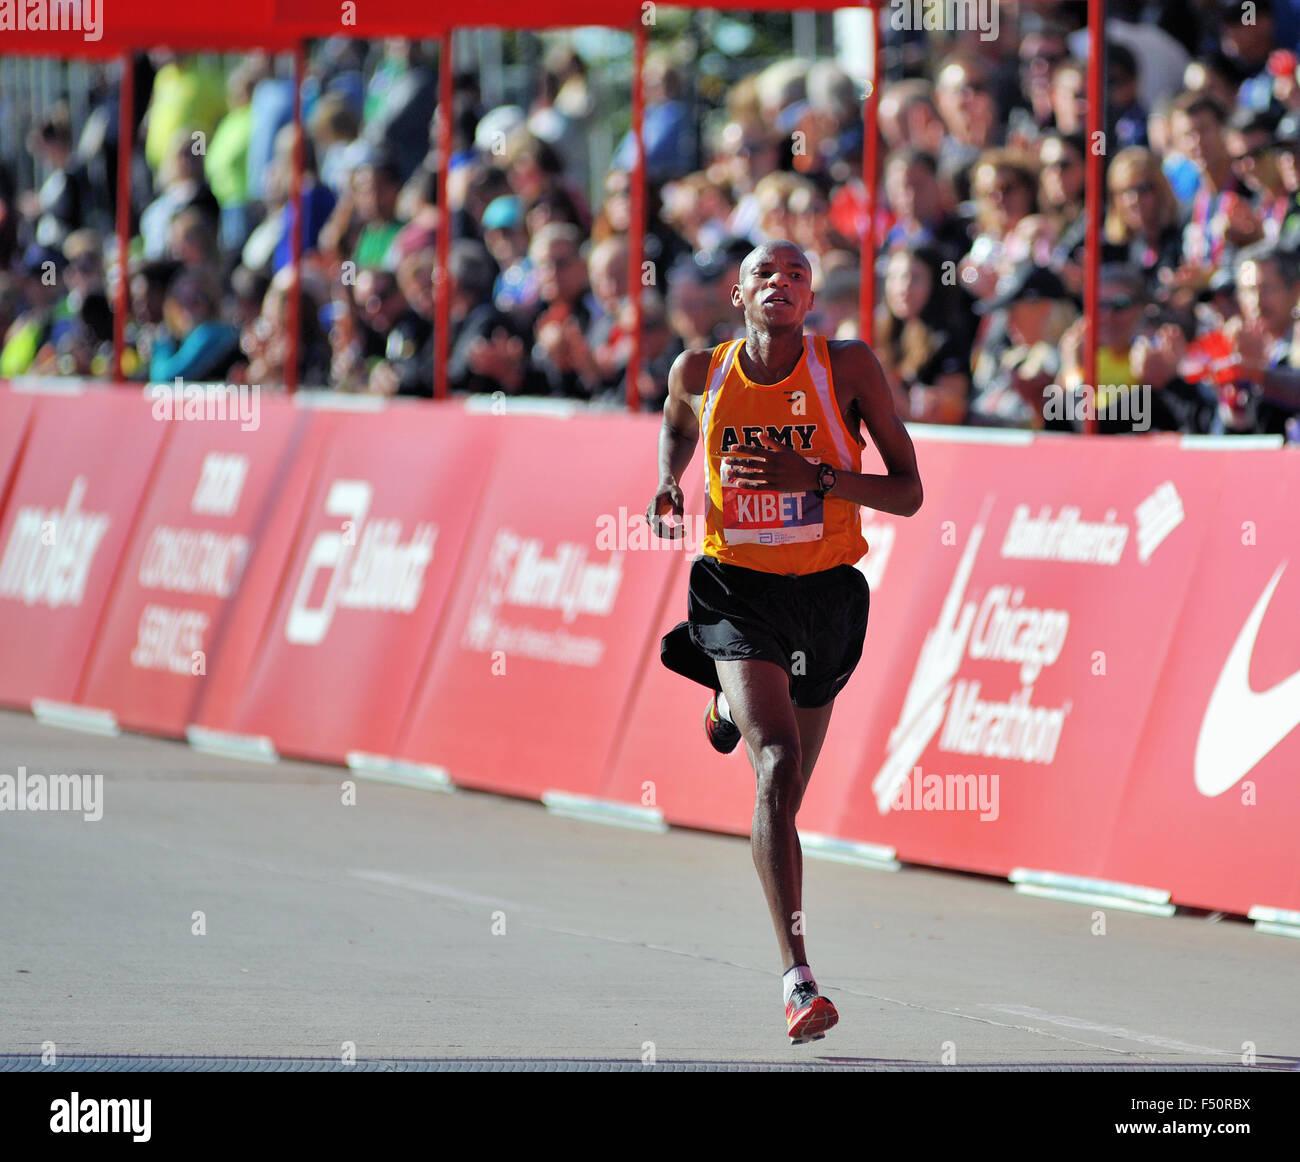 Elcana Kibet de Estados Unidos se aproxima a la línea de meta de la Maratón de Chicago de 2015. Chicago, Imagen De Stock